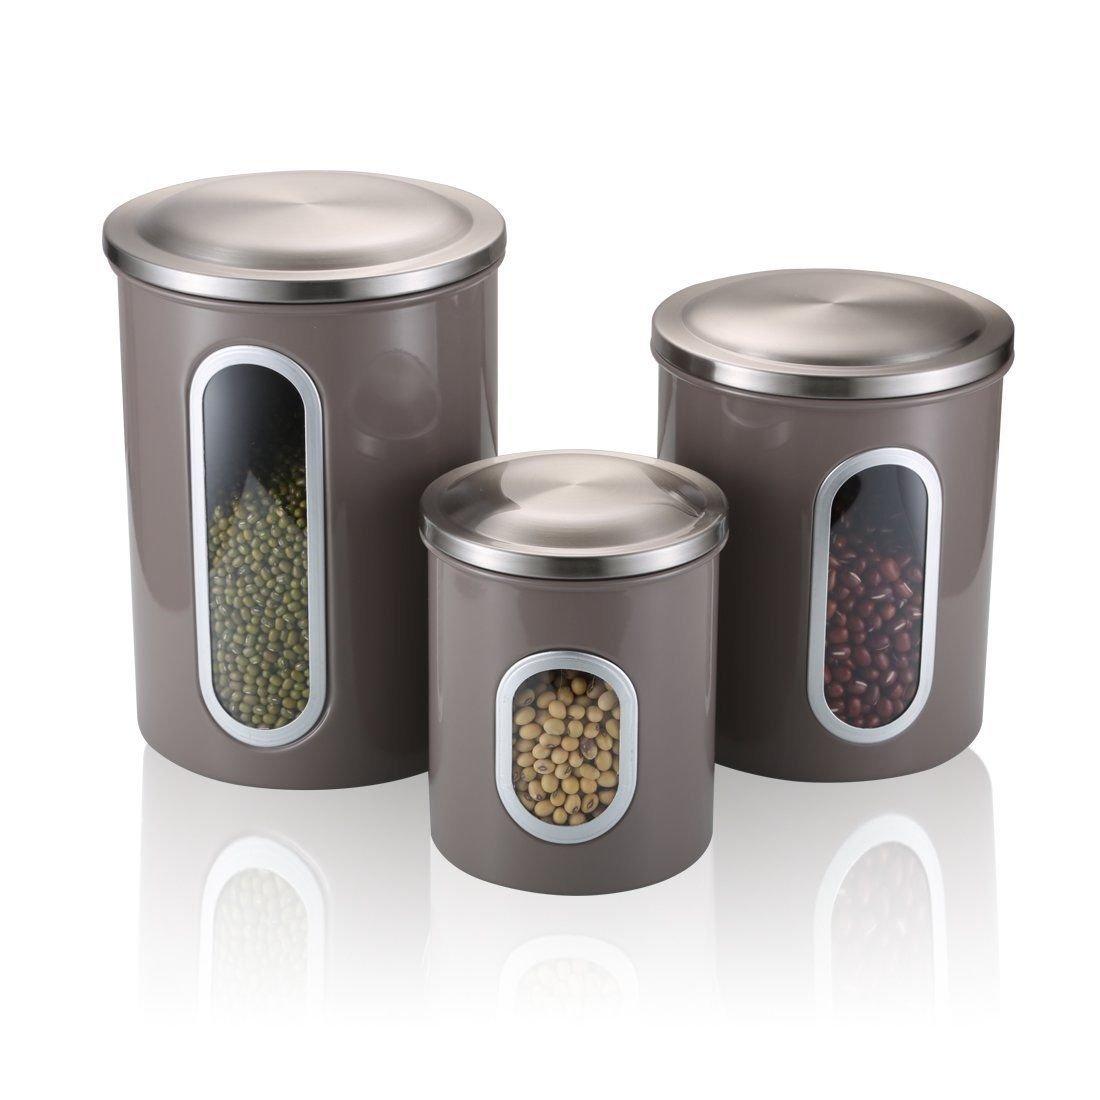 Food Storage Canisters Sets with Airtight Lid Leak Proof - SVVSS Moistureproof Anti-Fingerprint Stainless Steel Multi-Purpose Window Nested Kitchen Cereal ...  sc 1 st  eBay & Food Storage Canisters Sets with Airtight Lid Leak Proof - SVVSS ...